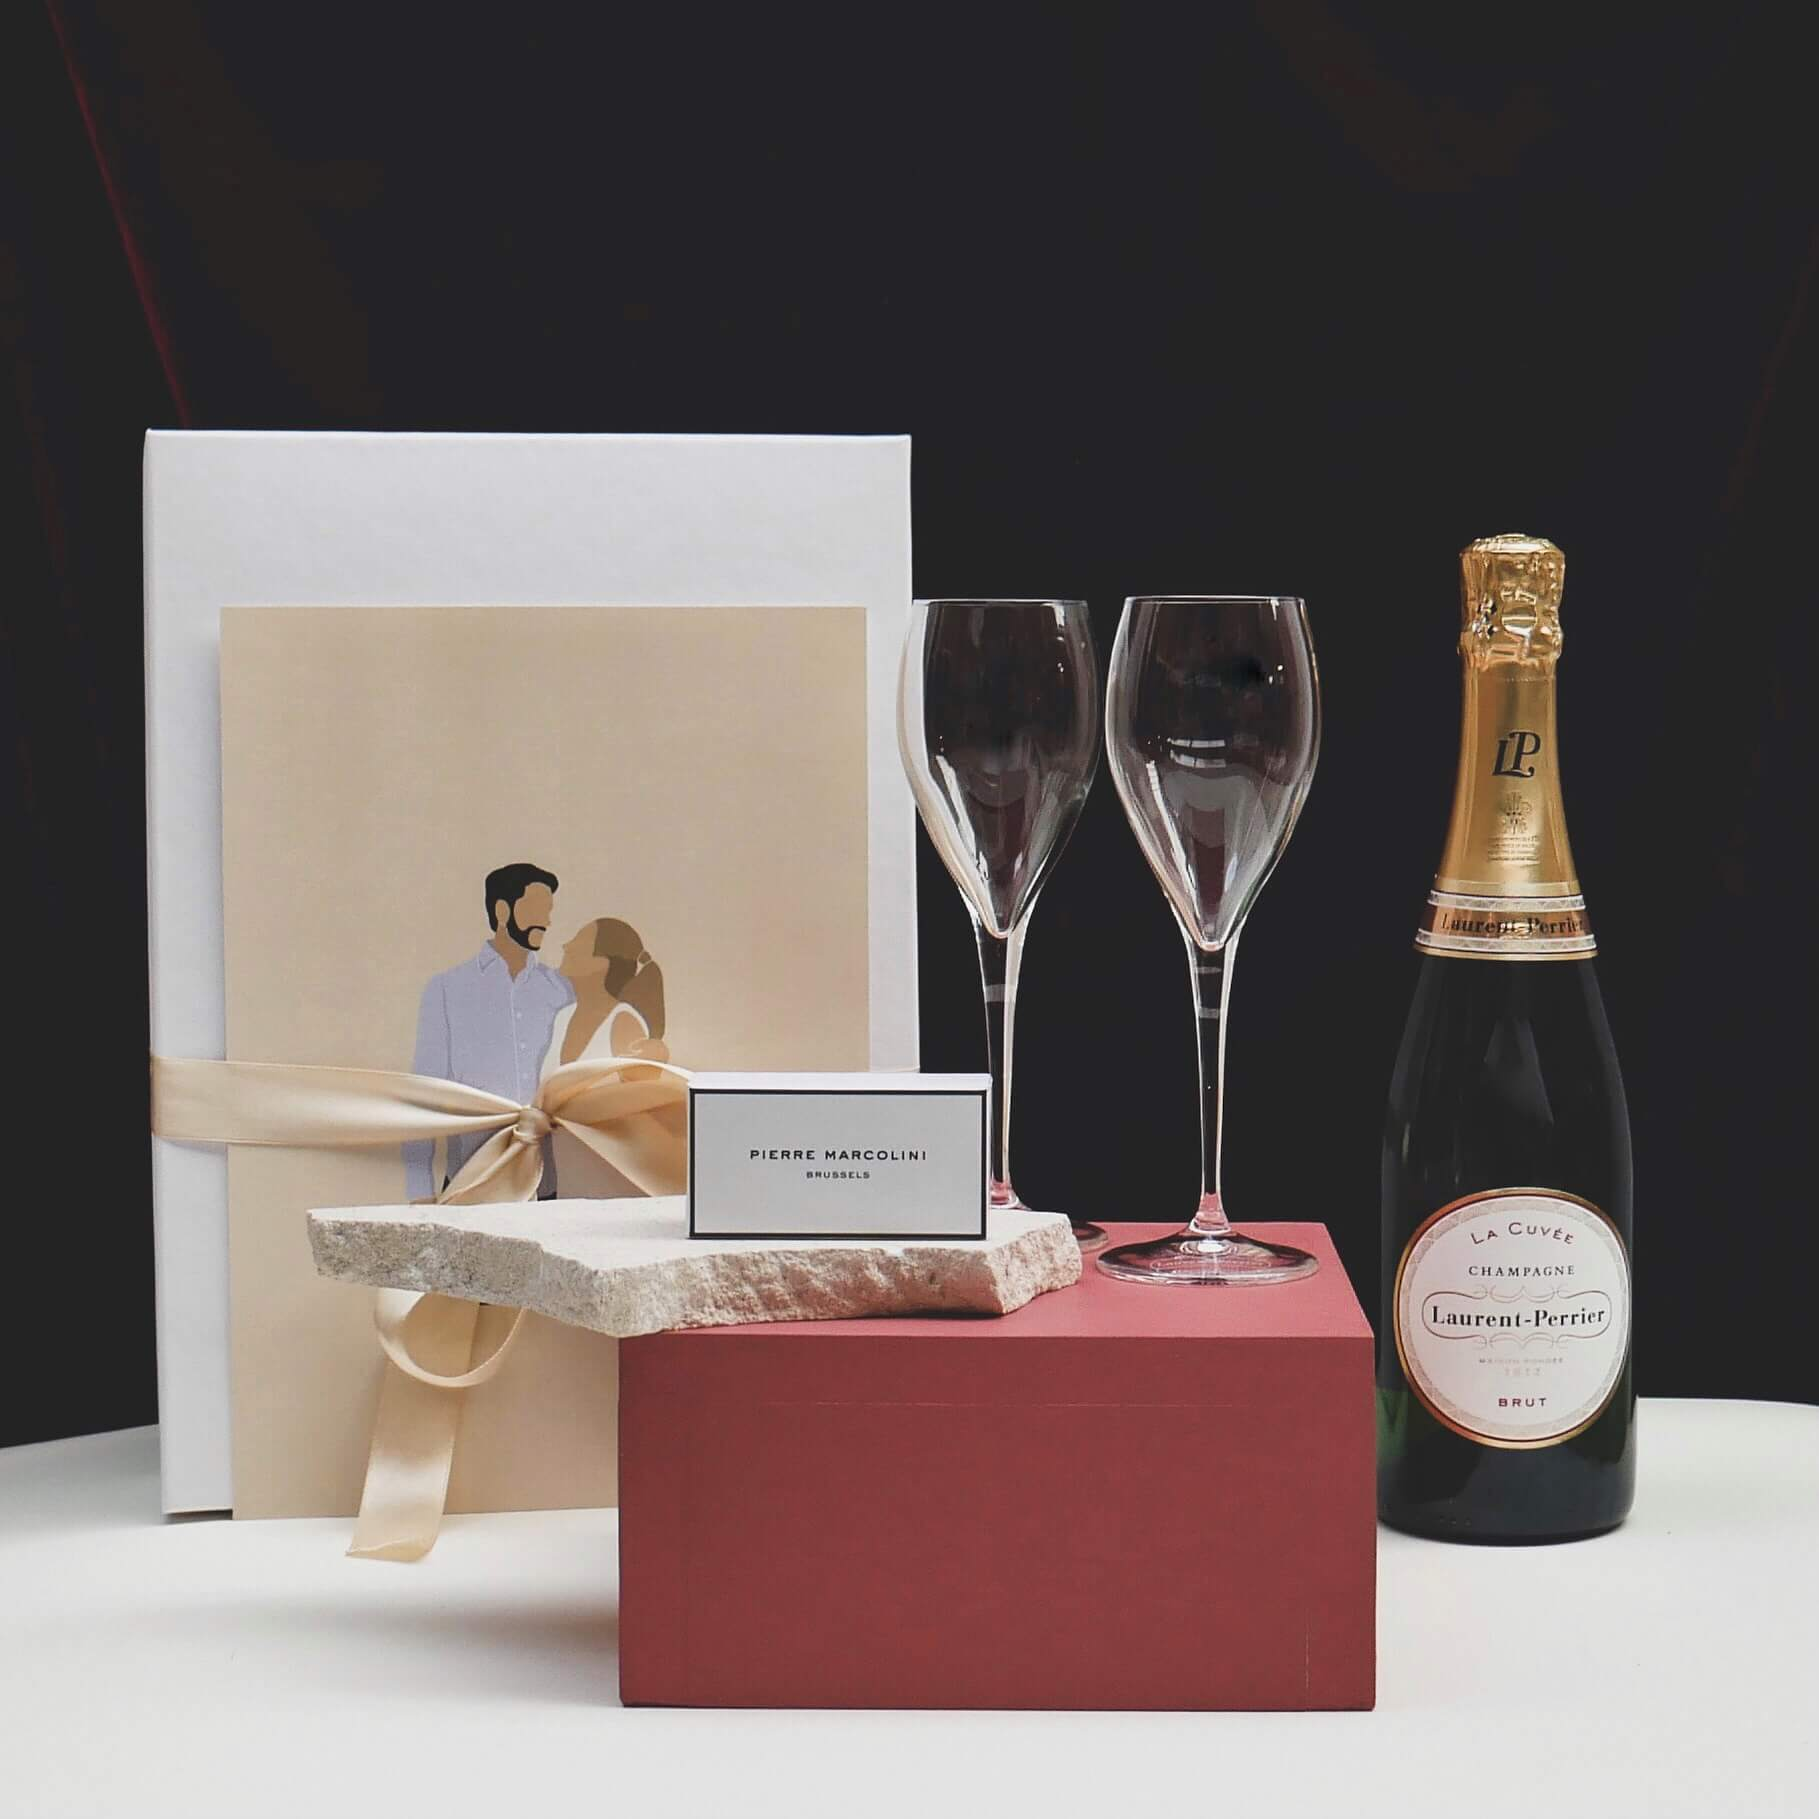 Célébrer la Saint-Valentin en Belgique avec Laurent-Perrier